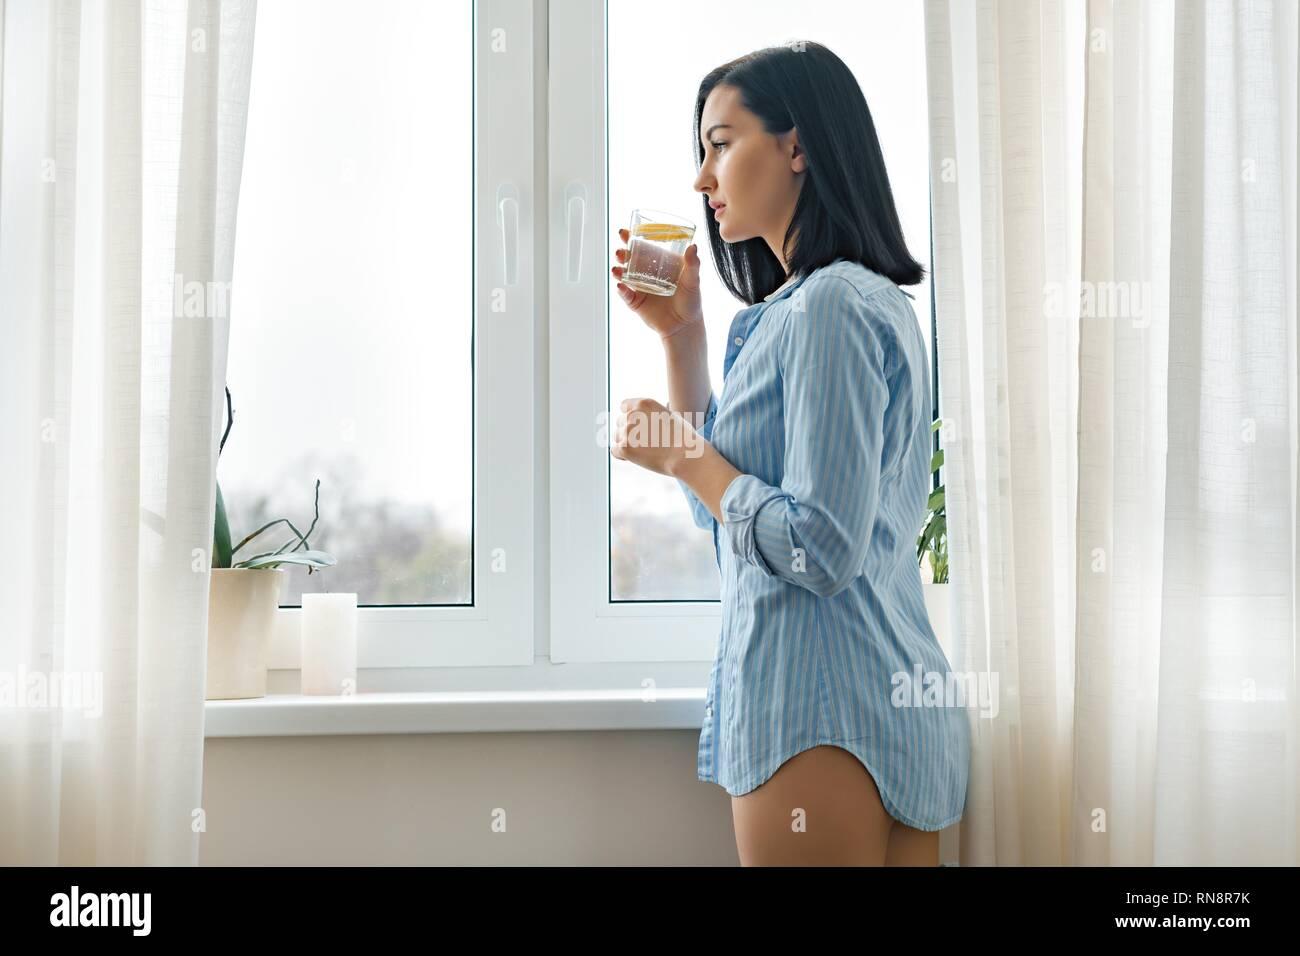 Mode de vie sain, l'alimentation, l'antioxydant. Matin verre d'eau avec du citron dans les mains de jeune femme Photo Stock